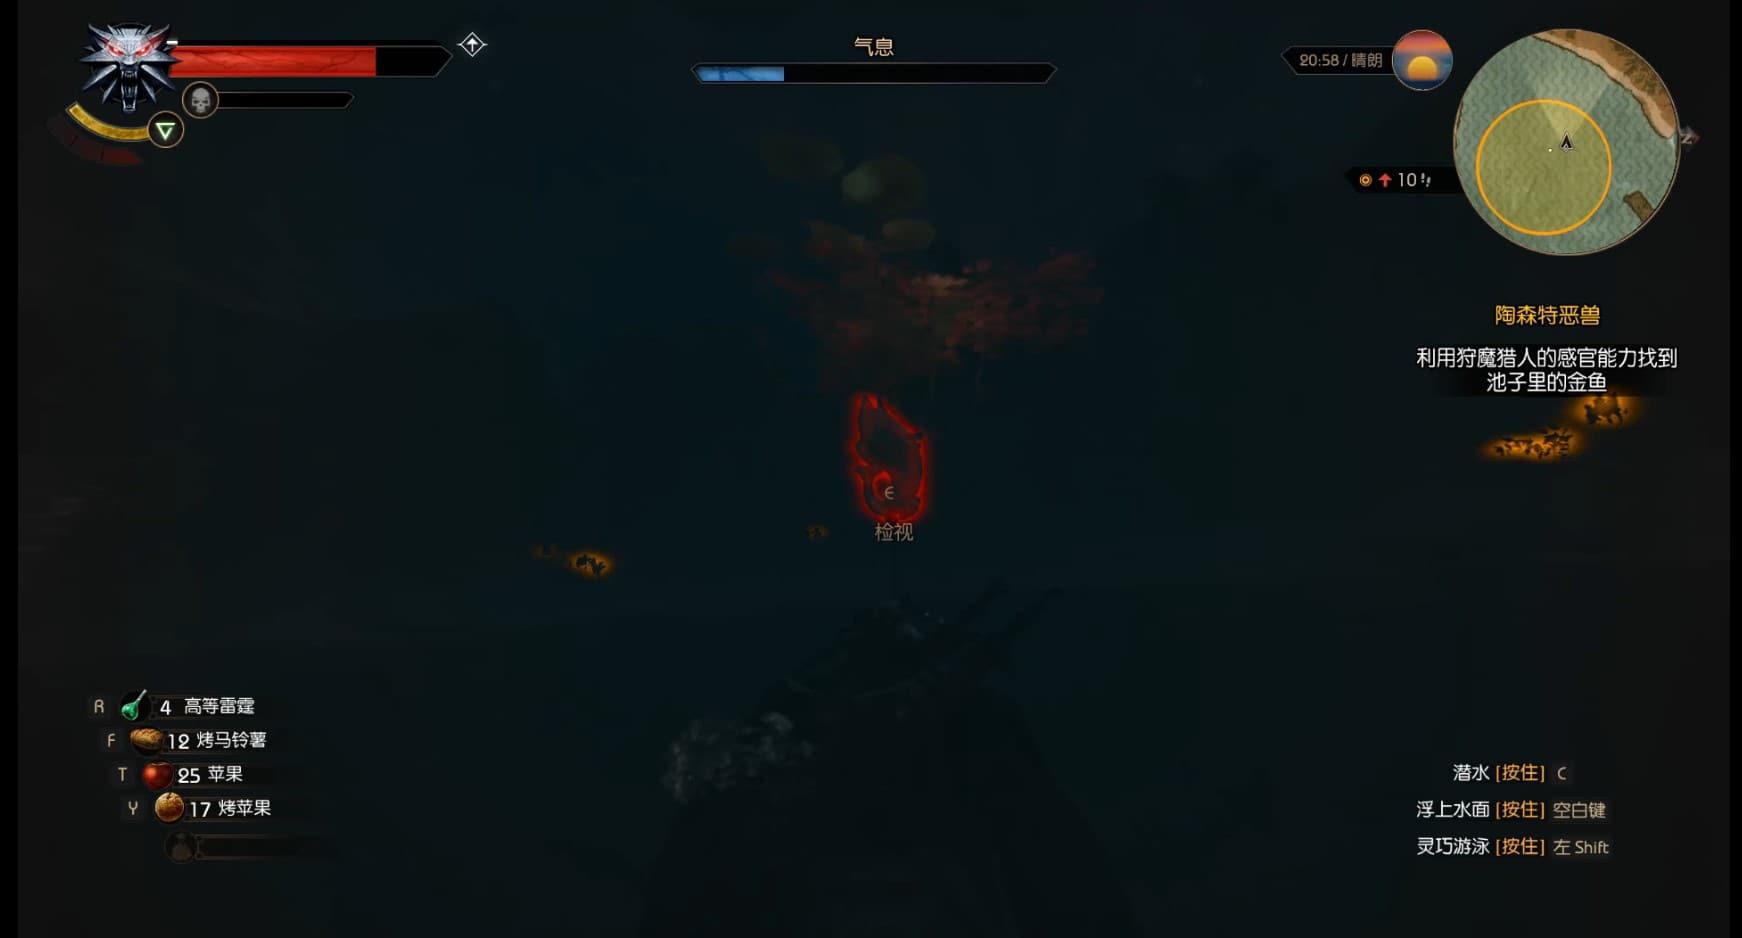 巫師3 血與酒金魚位置介紹 金魚在哪